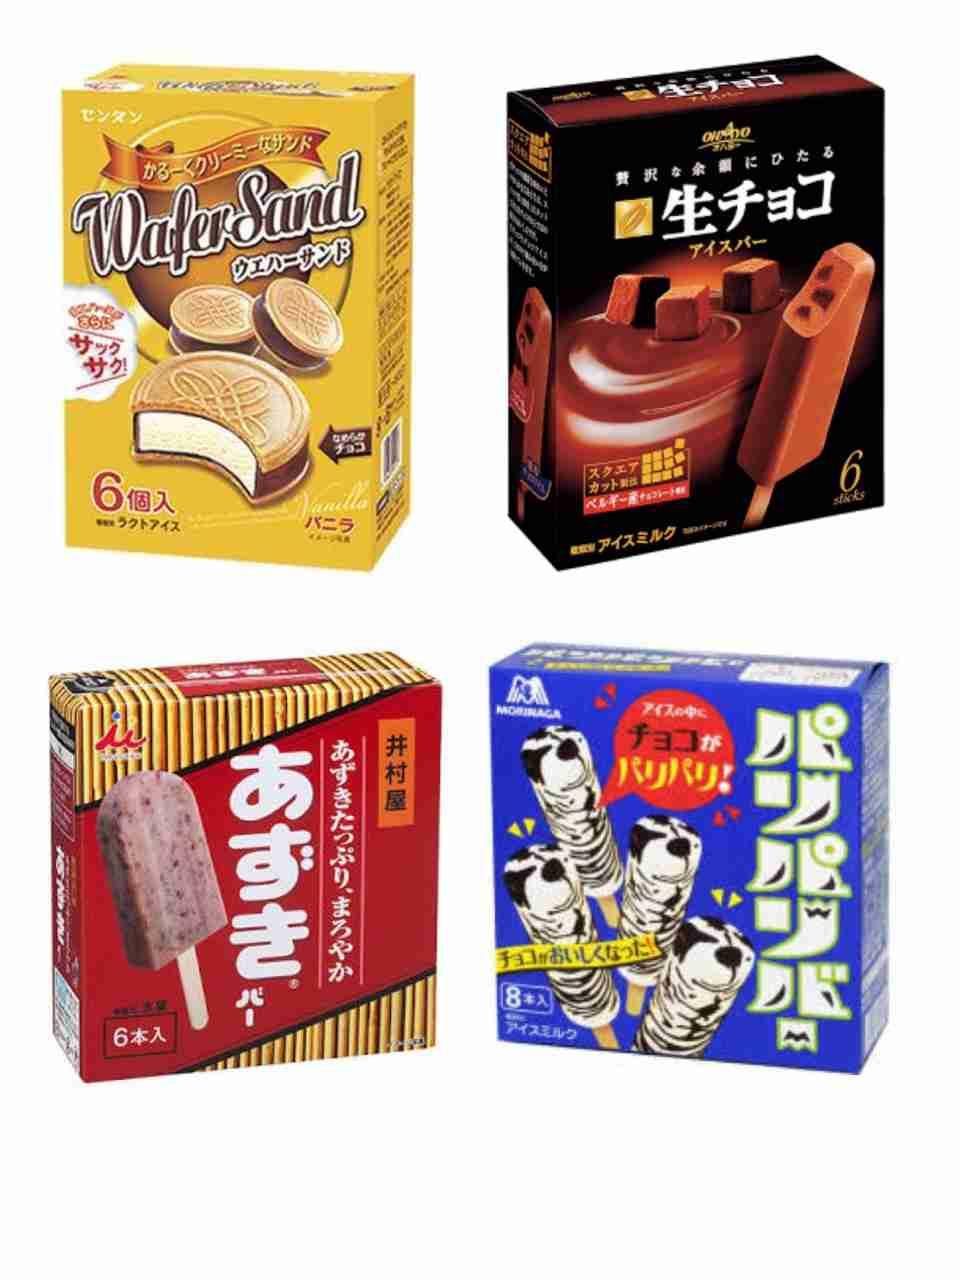 冬でもアイスを頻繁に食べる人〜